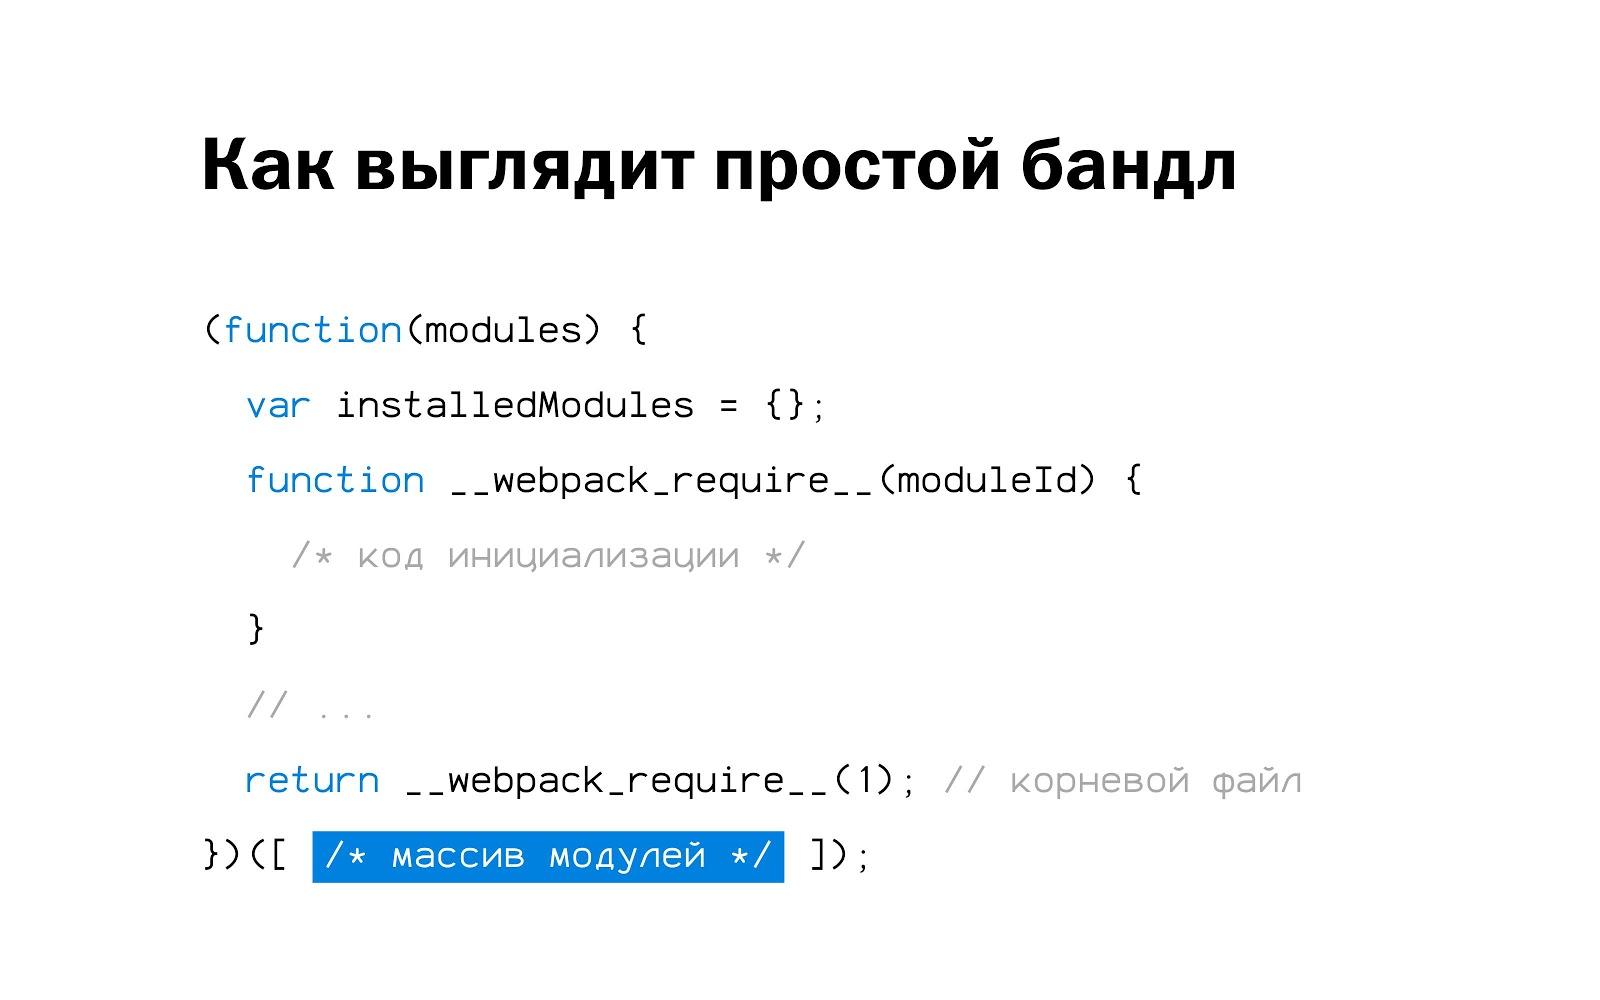 Внутреннее устройство и оптимизация бандла webpack - 8